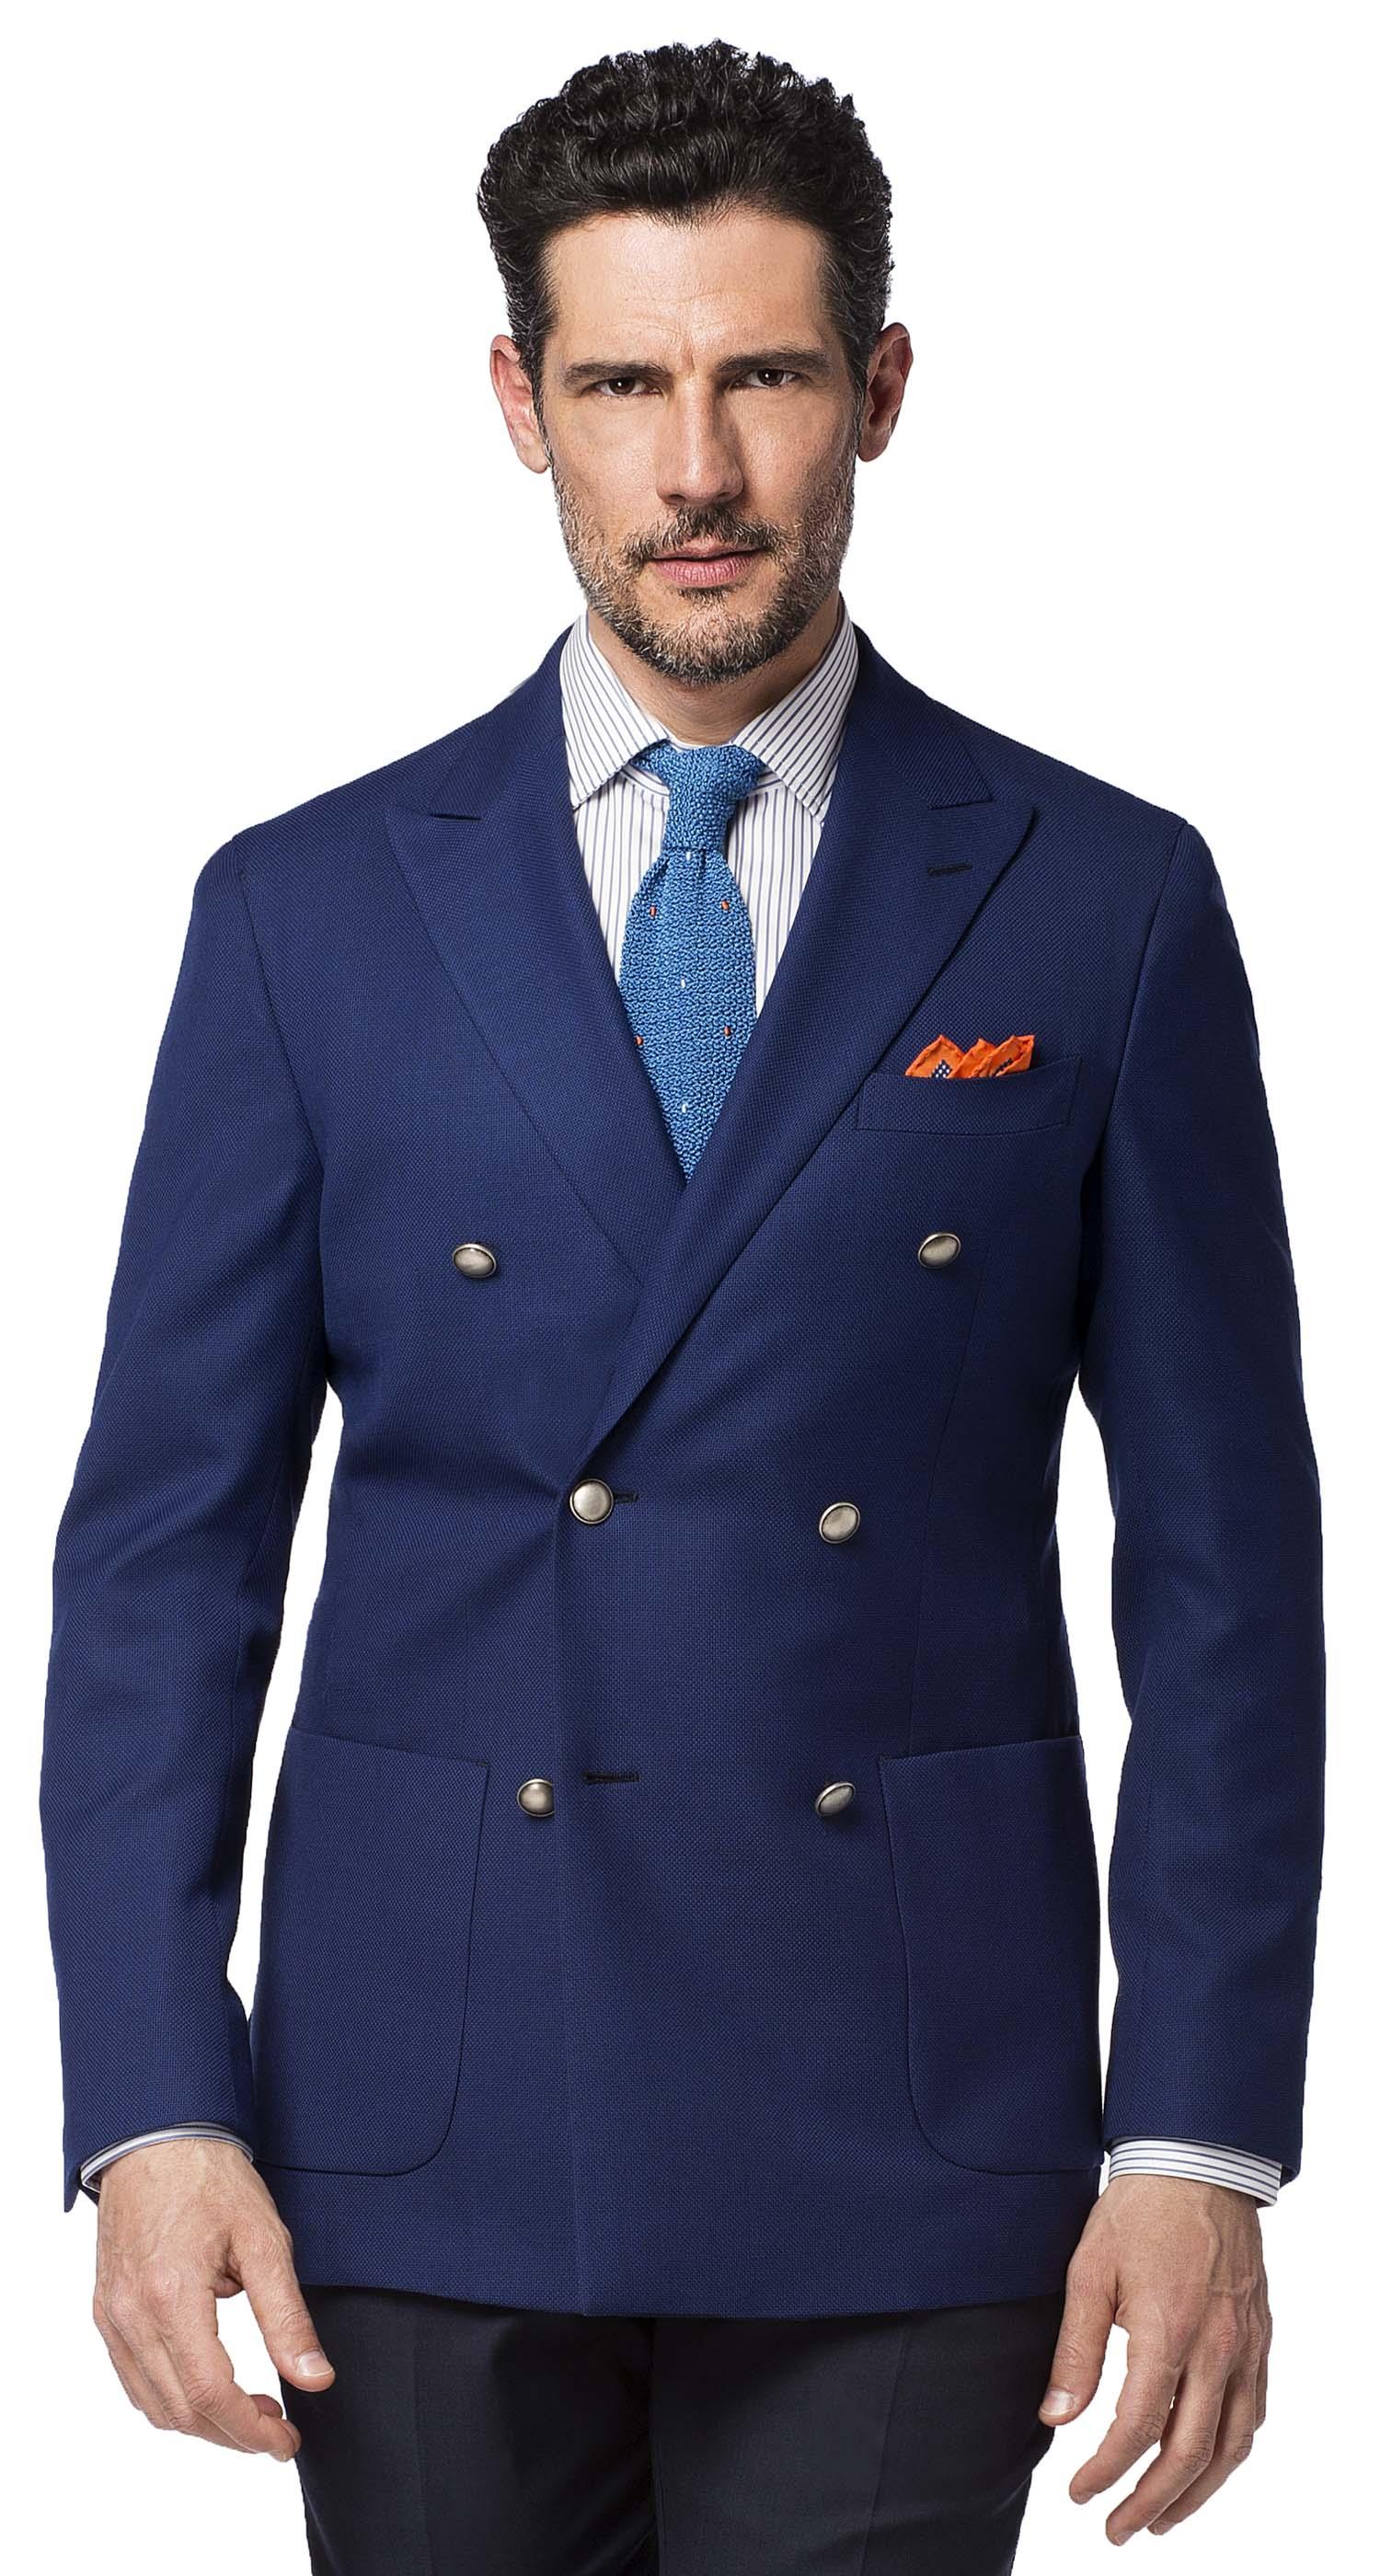 giacca celeste abbinamenti uomo